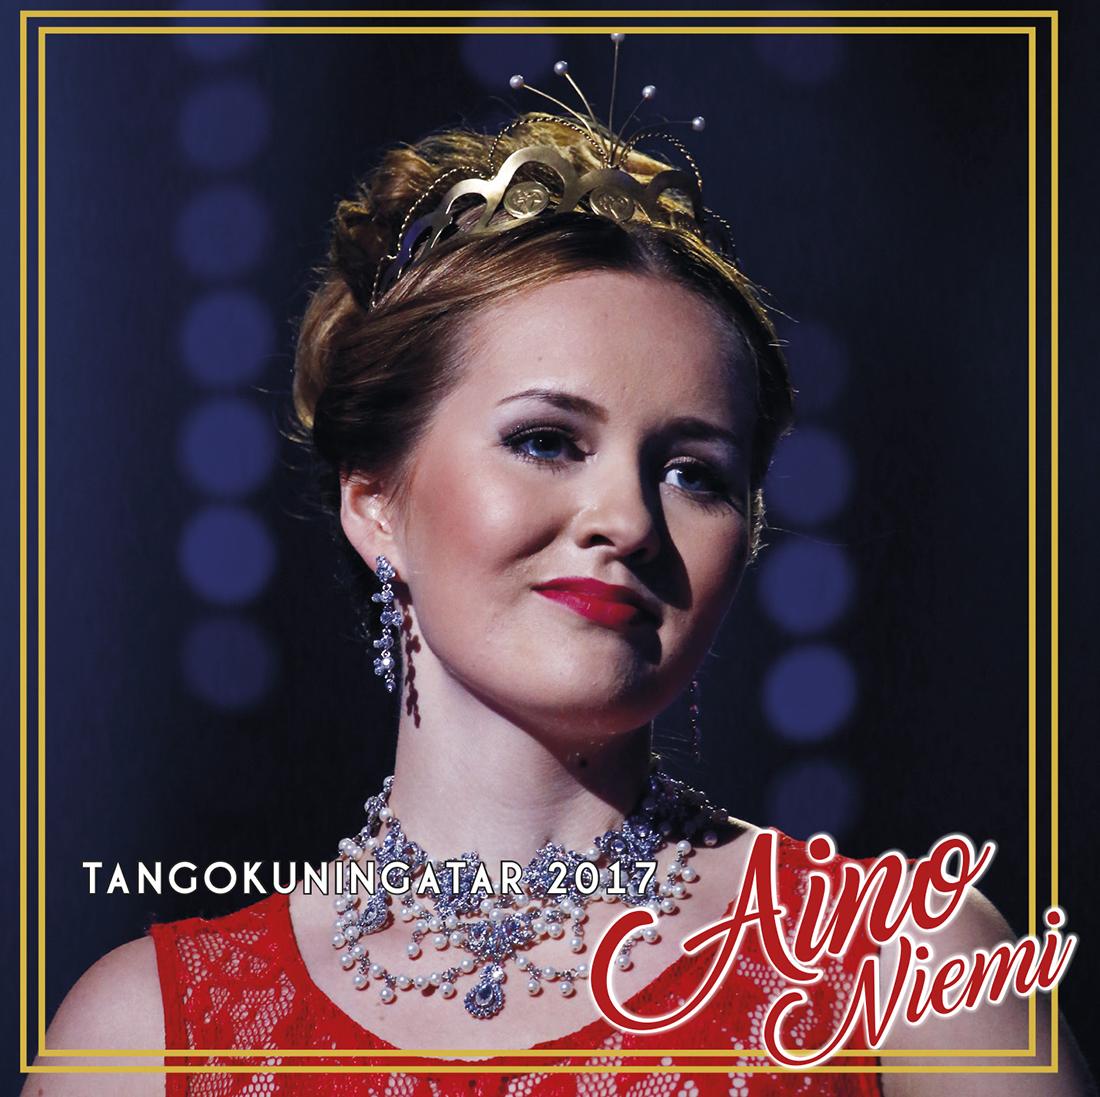 Ensimmäinen Tangokuningatar